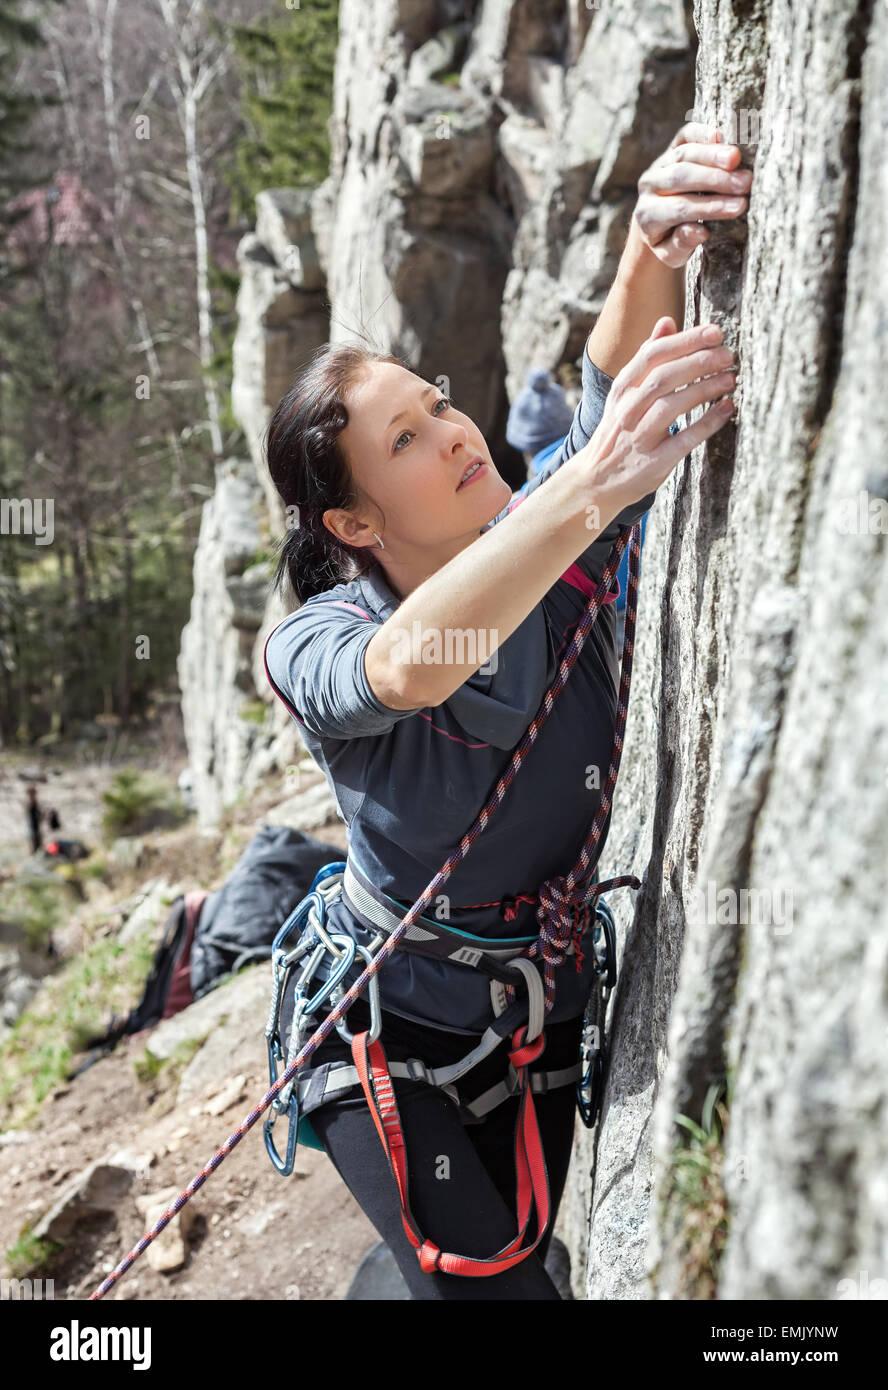 Porträt einer schönen jungen Frau schwer Kletterwand. Stockbild